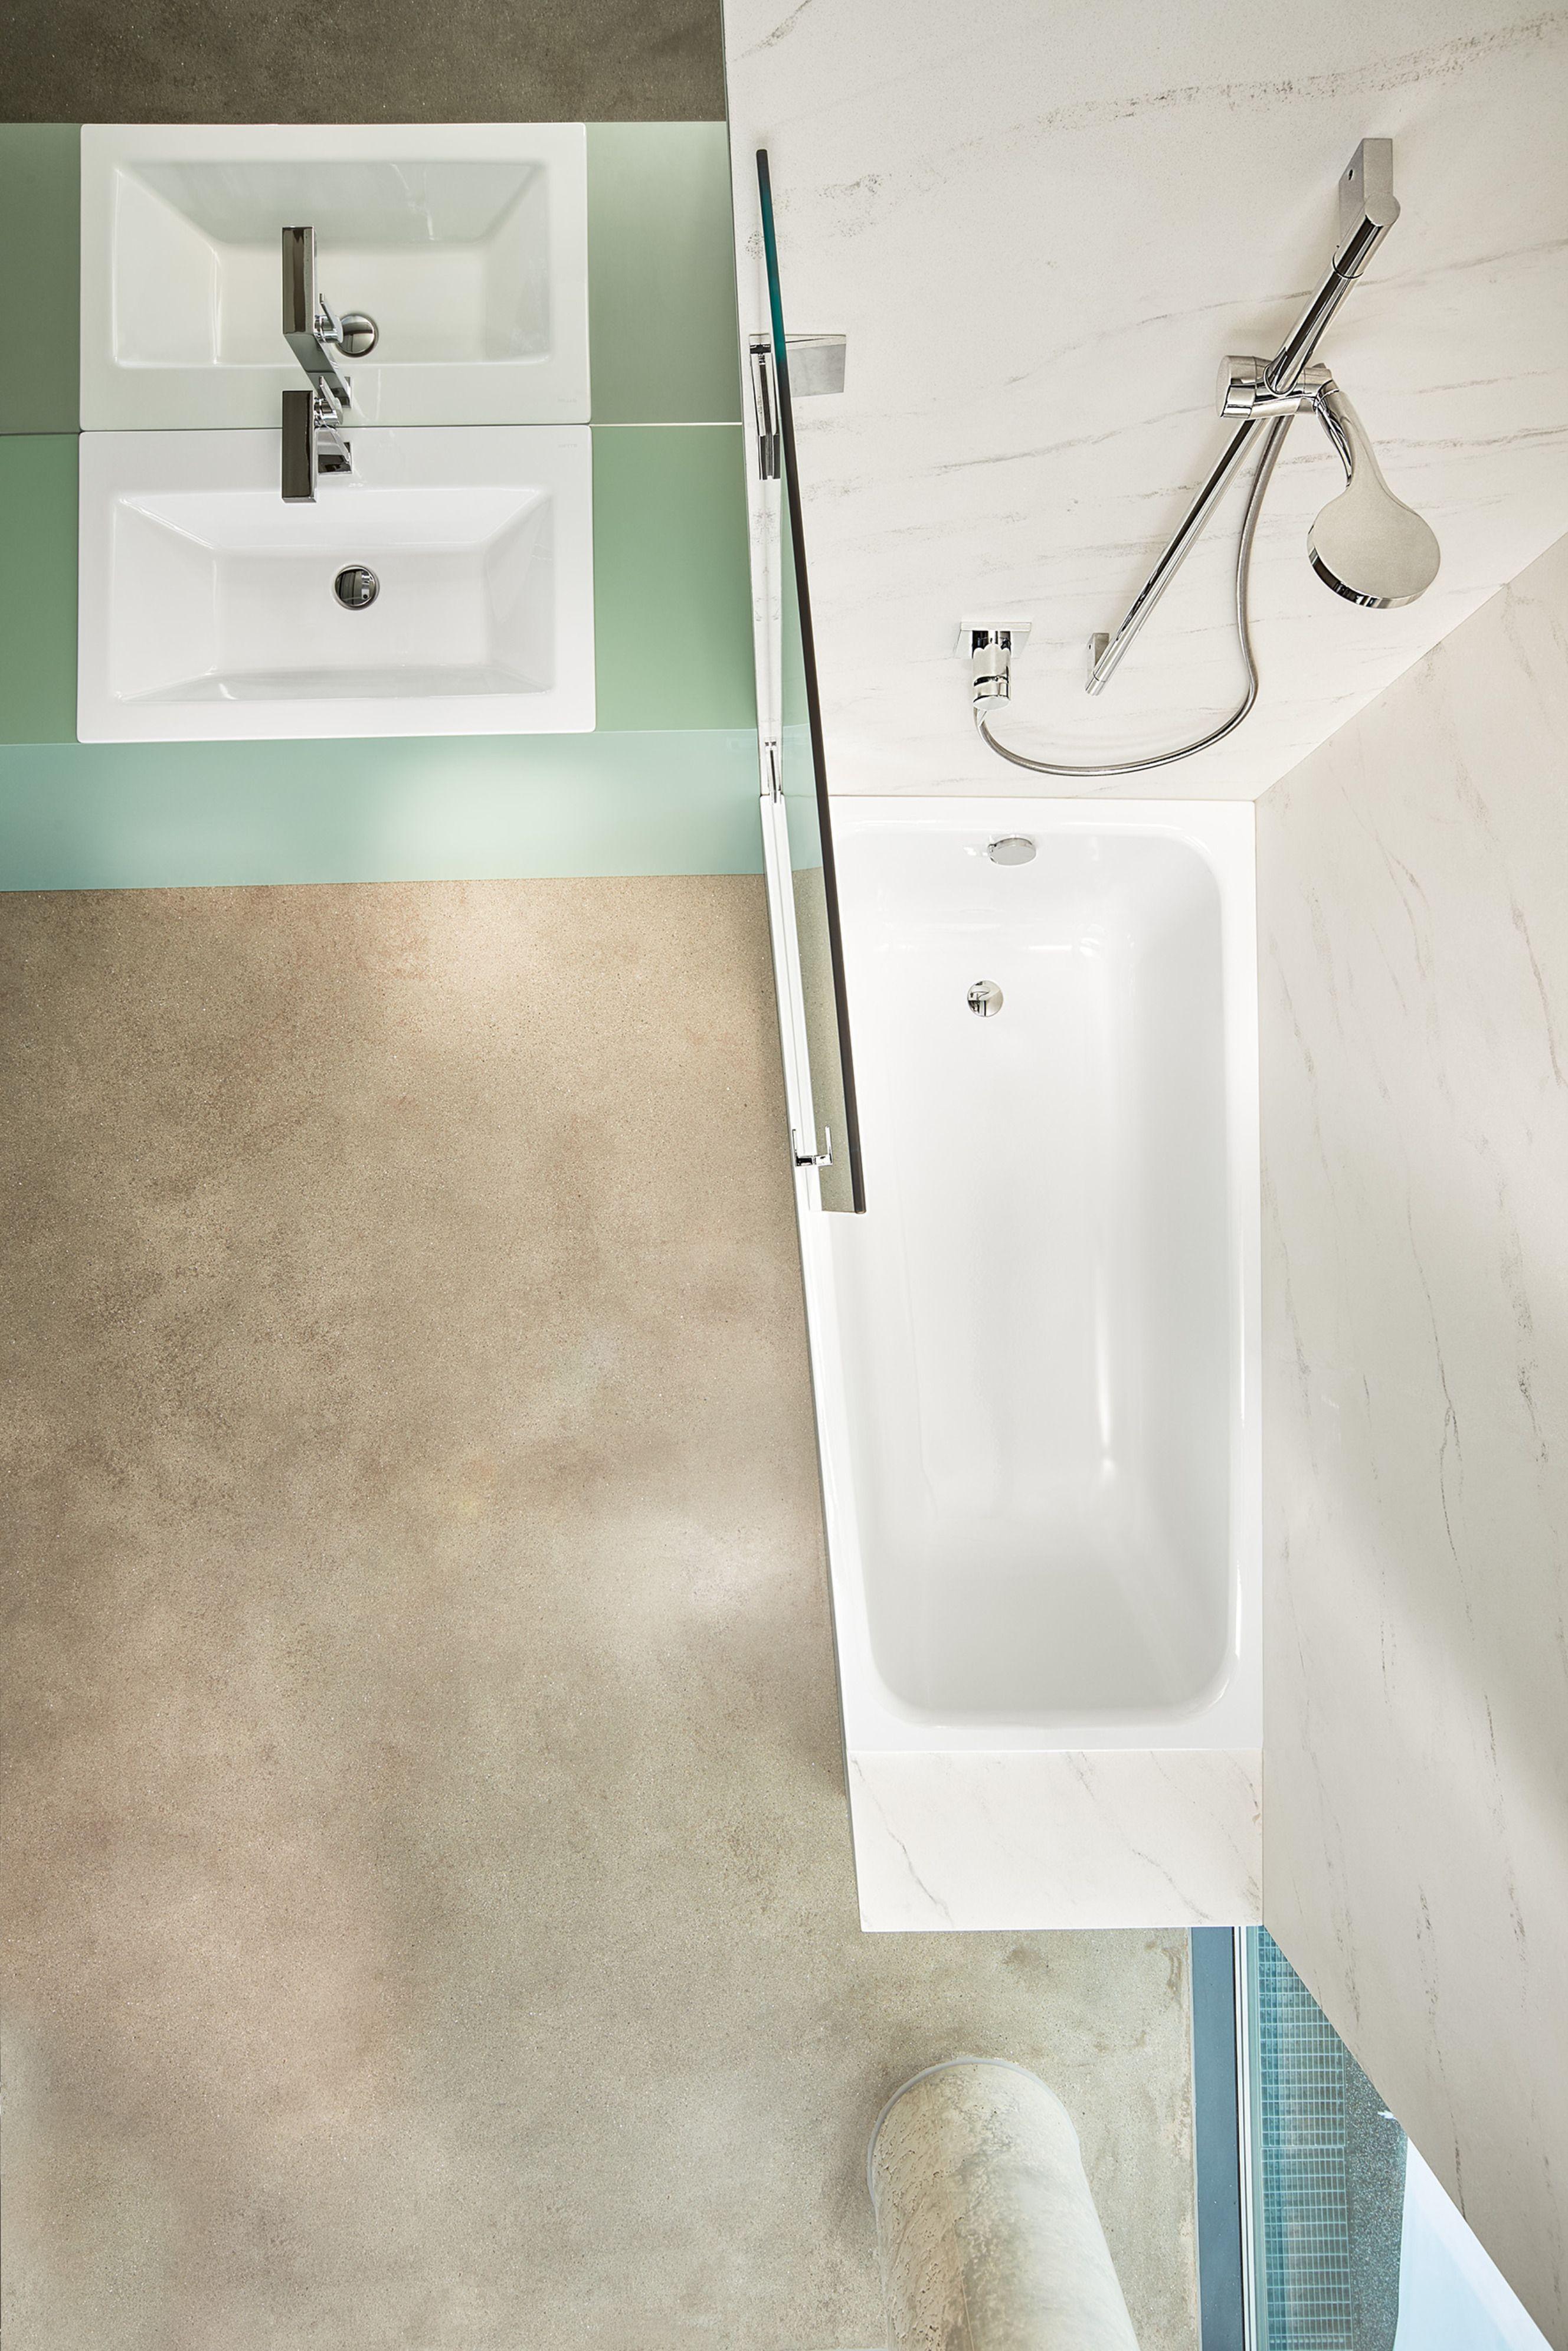 Raumsparwanne #Bade-Dusch-Kombination #Badewanne #Wanne #Rund ...